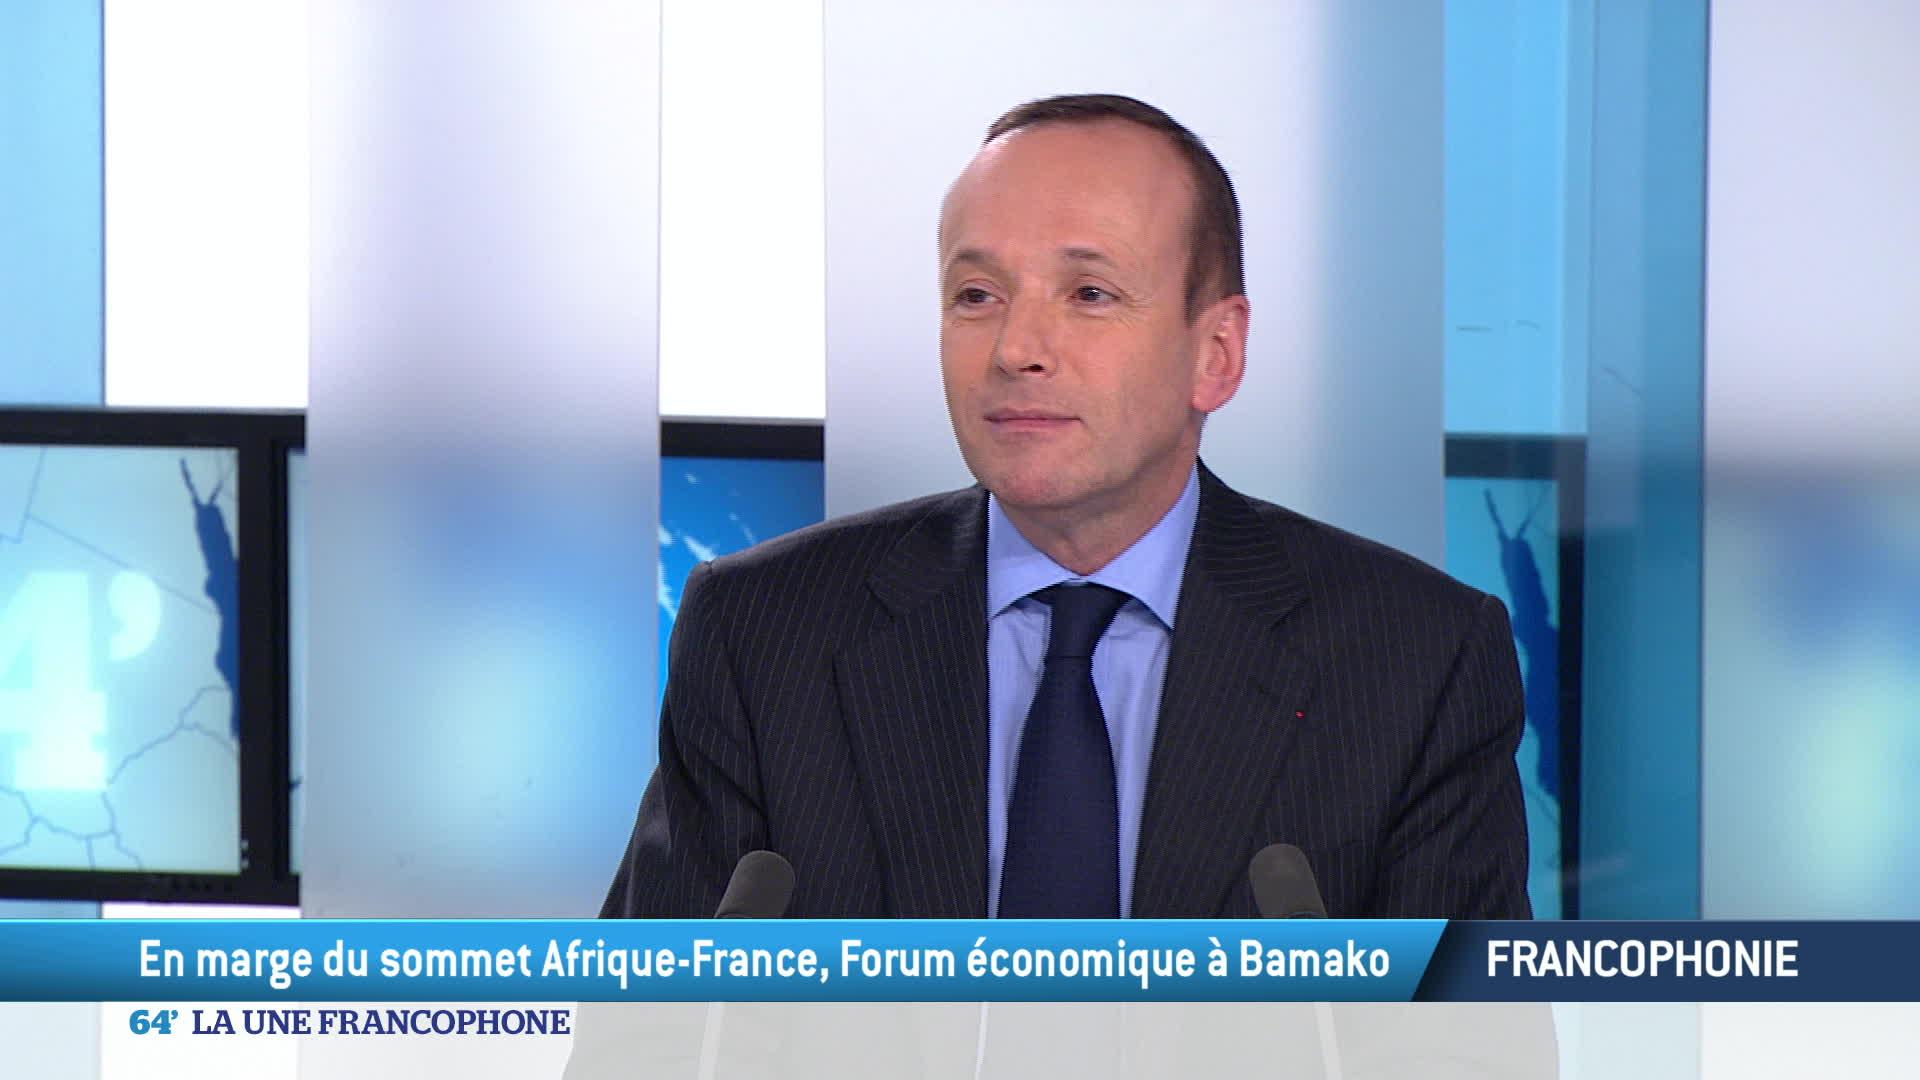 La 'Une francophone'